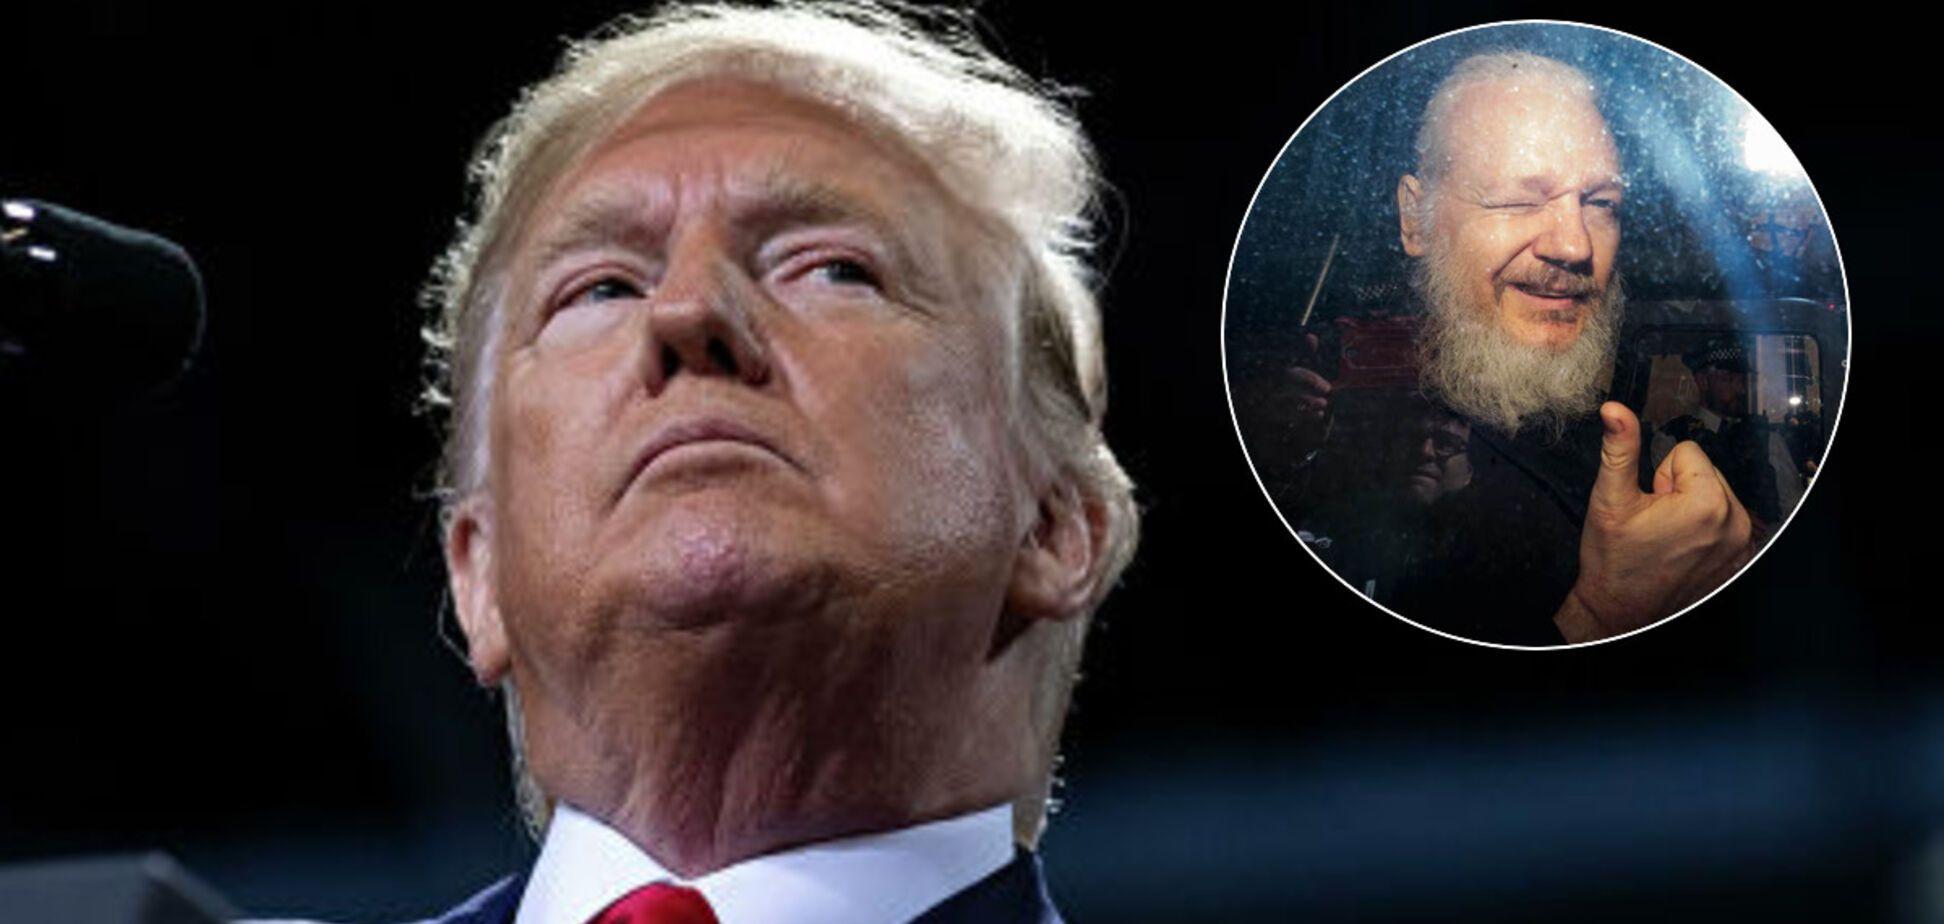 Спливла обіцянка Трампа помилувати Ассанджа через Росію: Білий дім назвав це 'нісенітницею'